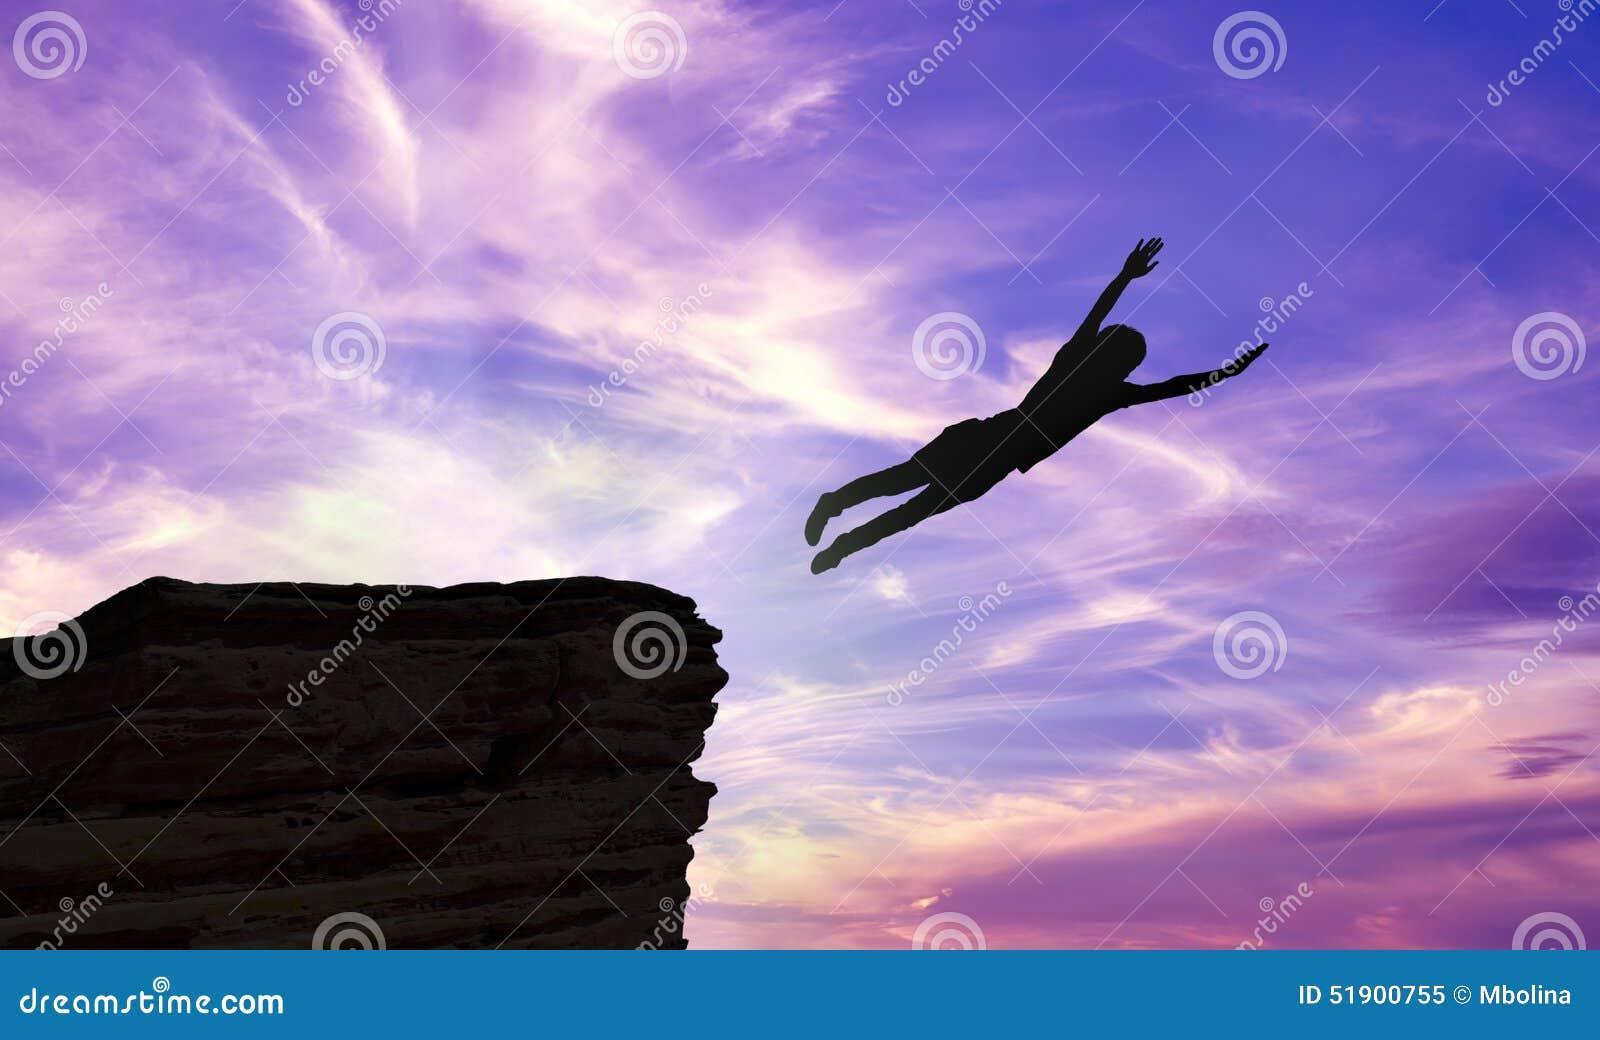 Siluetta di un uomo che salta giù una scogliera